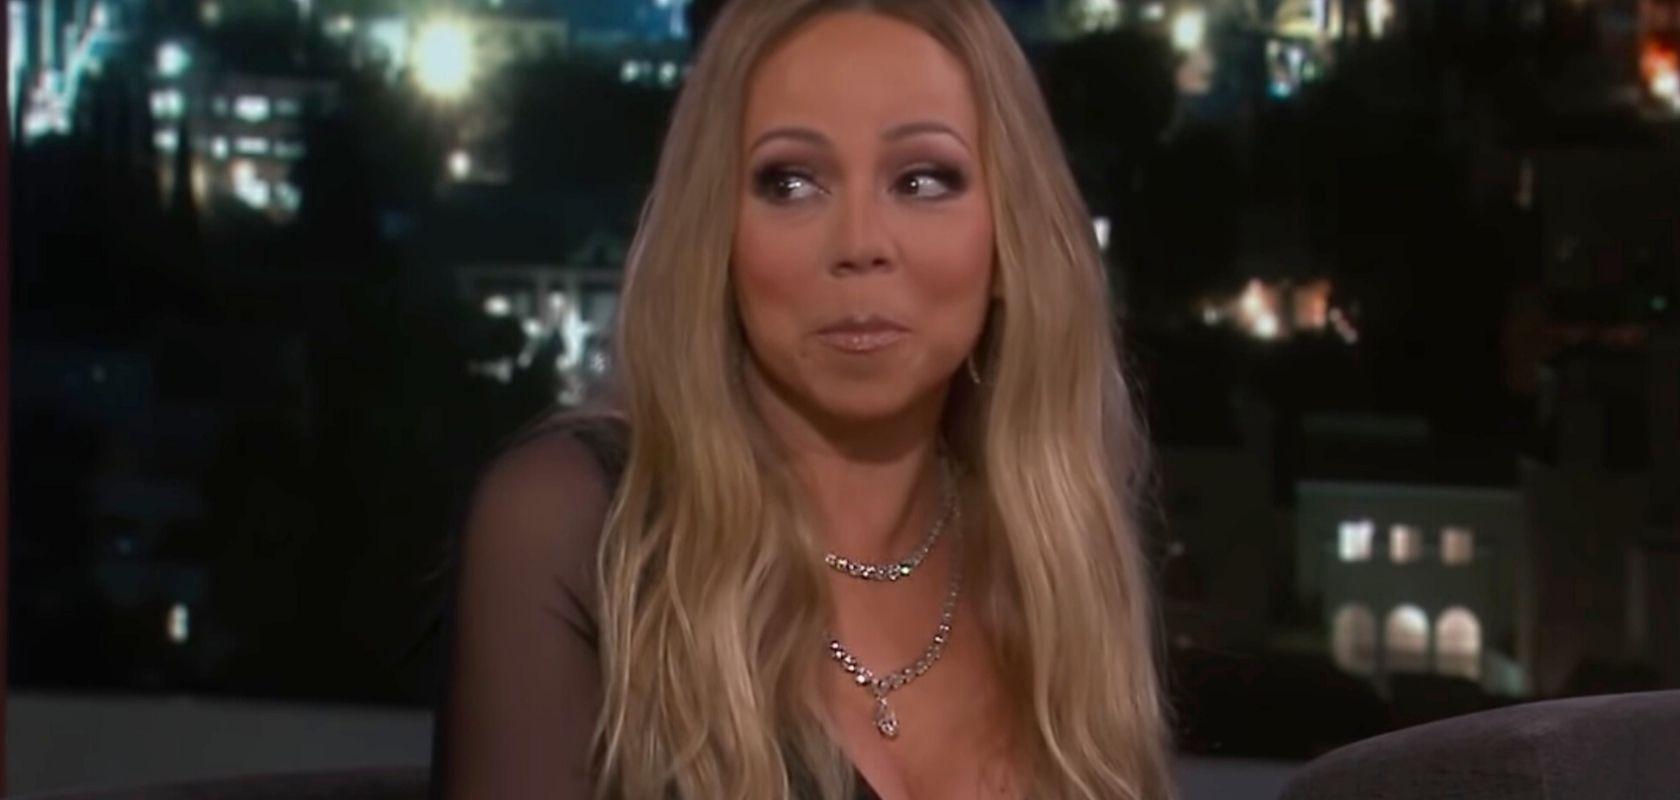 Mariah Carey's Twitter account has been hacked